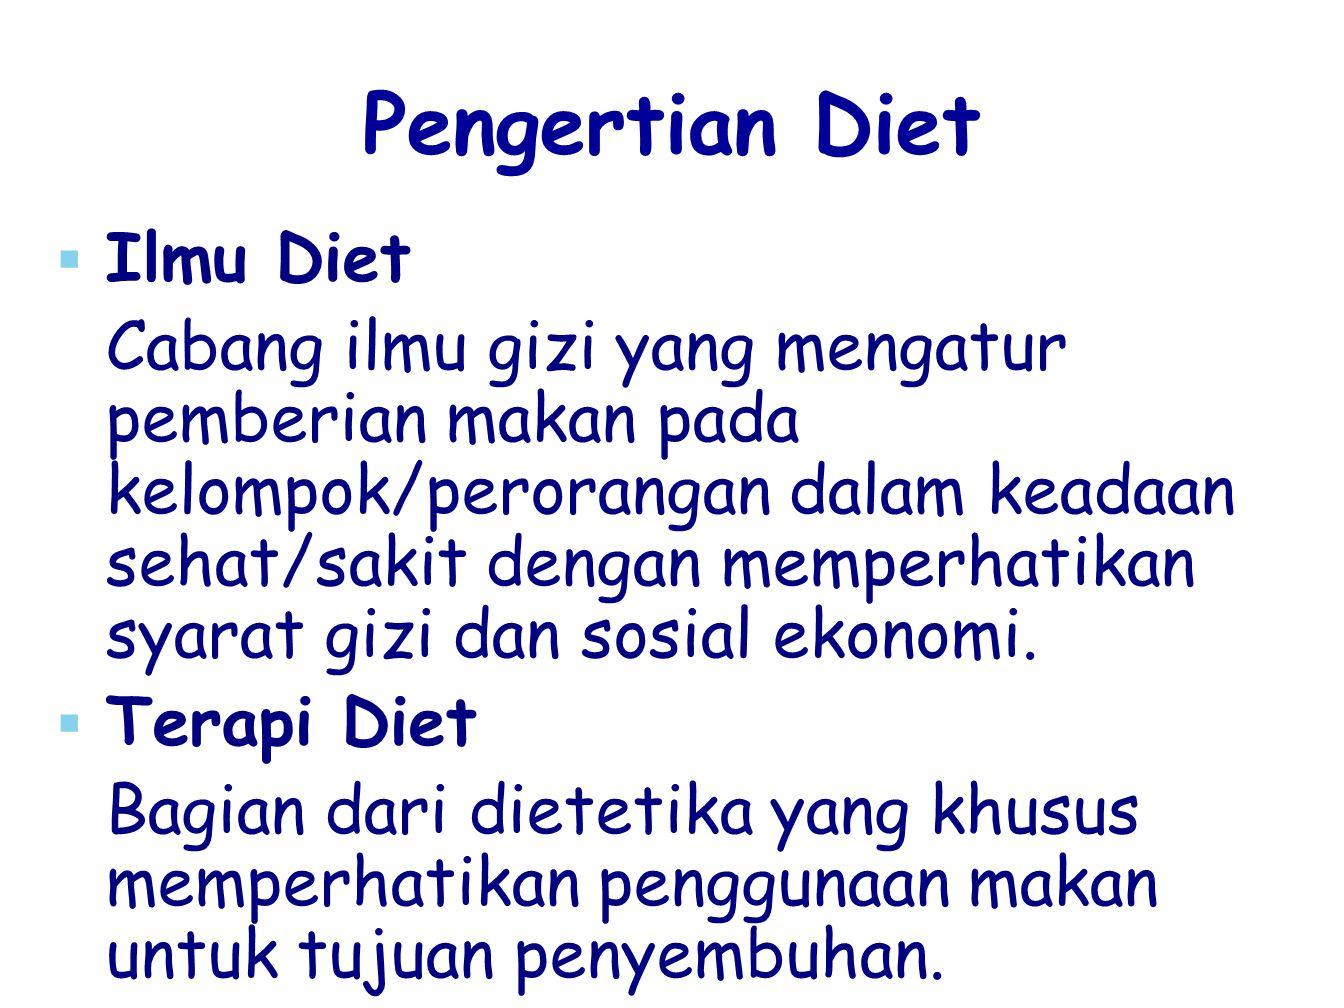 Pengertian Diet   Ilmu Diet Cabang ilmu gizi yang mengatur pemberian makan pada kelompok/perorangan dalam keadaan sehat/sakit dengan memperhatikan s